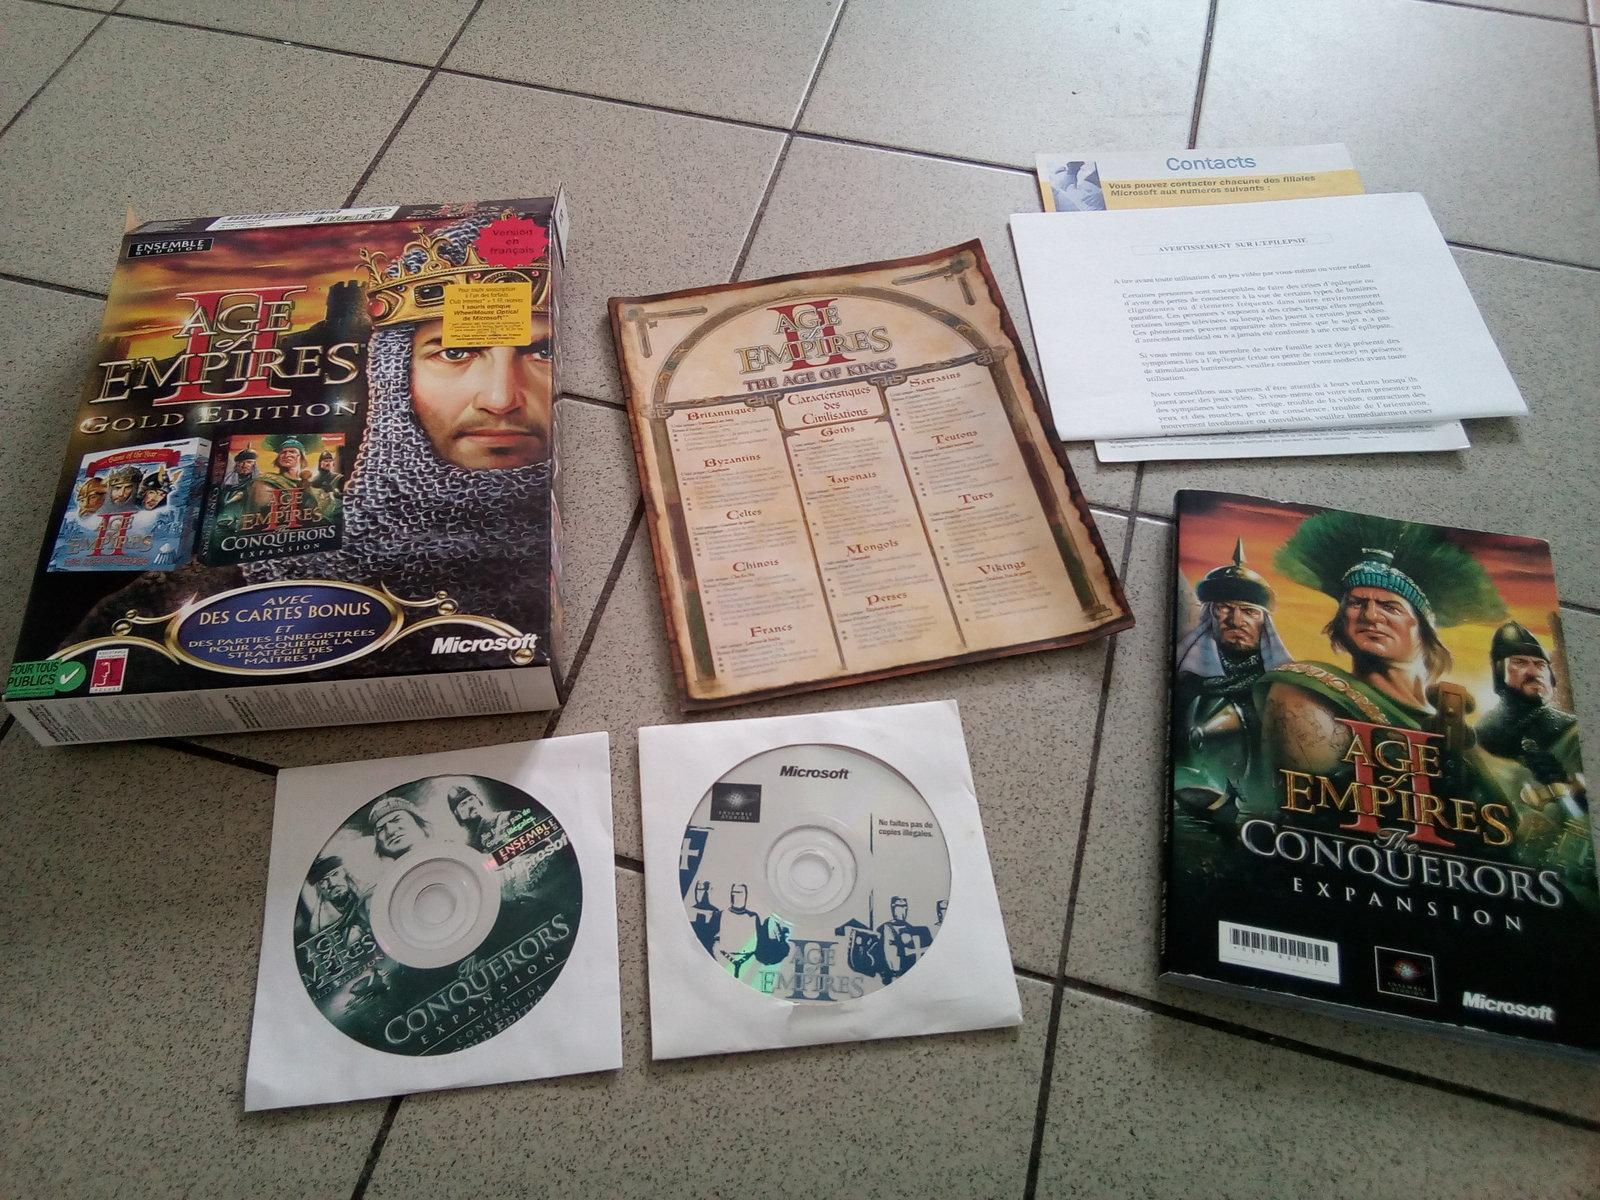 [est] age of empire 2 Gold edition big box 190506044824907601